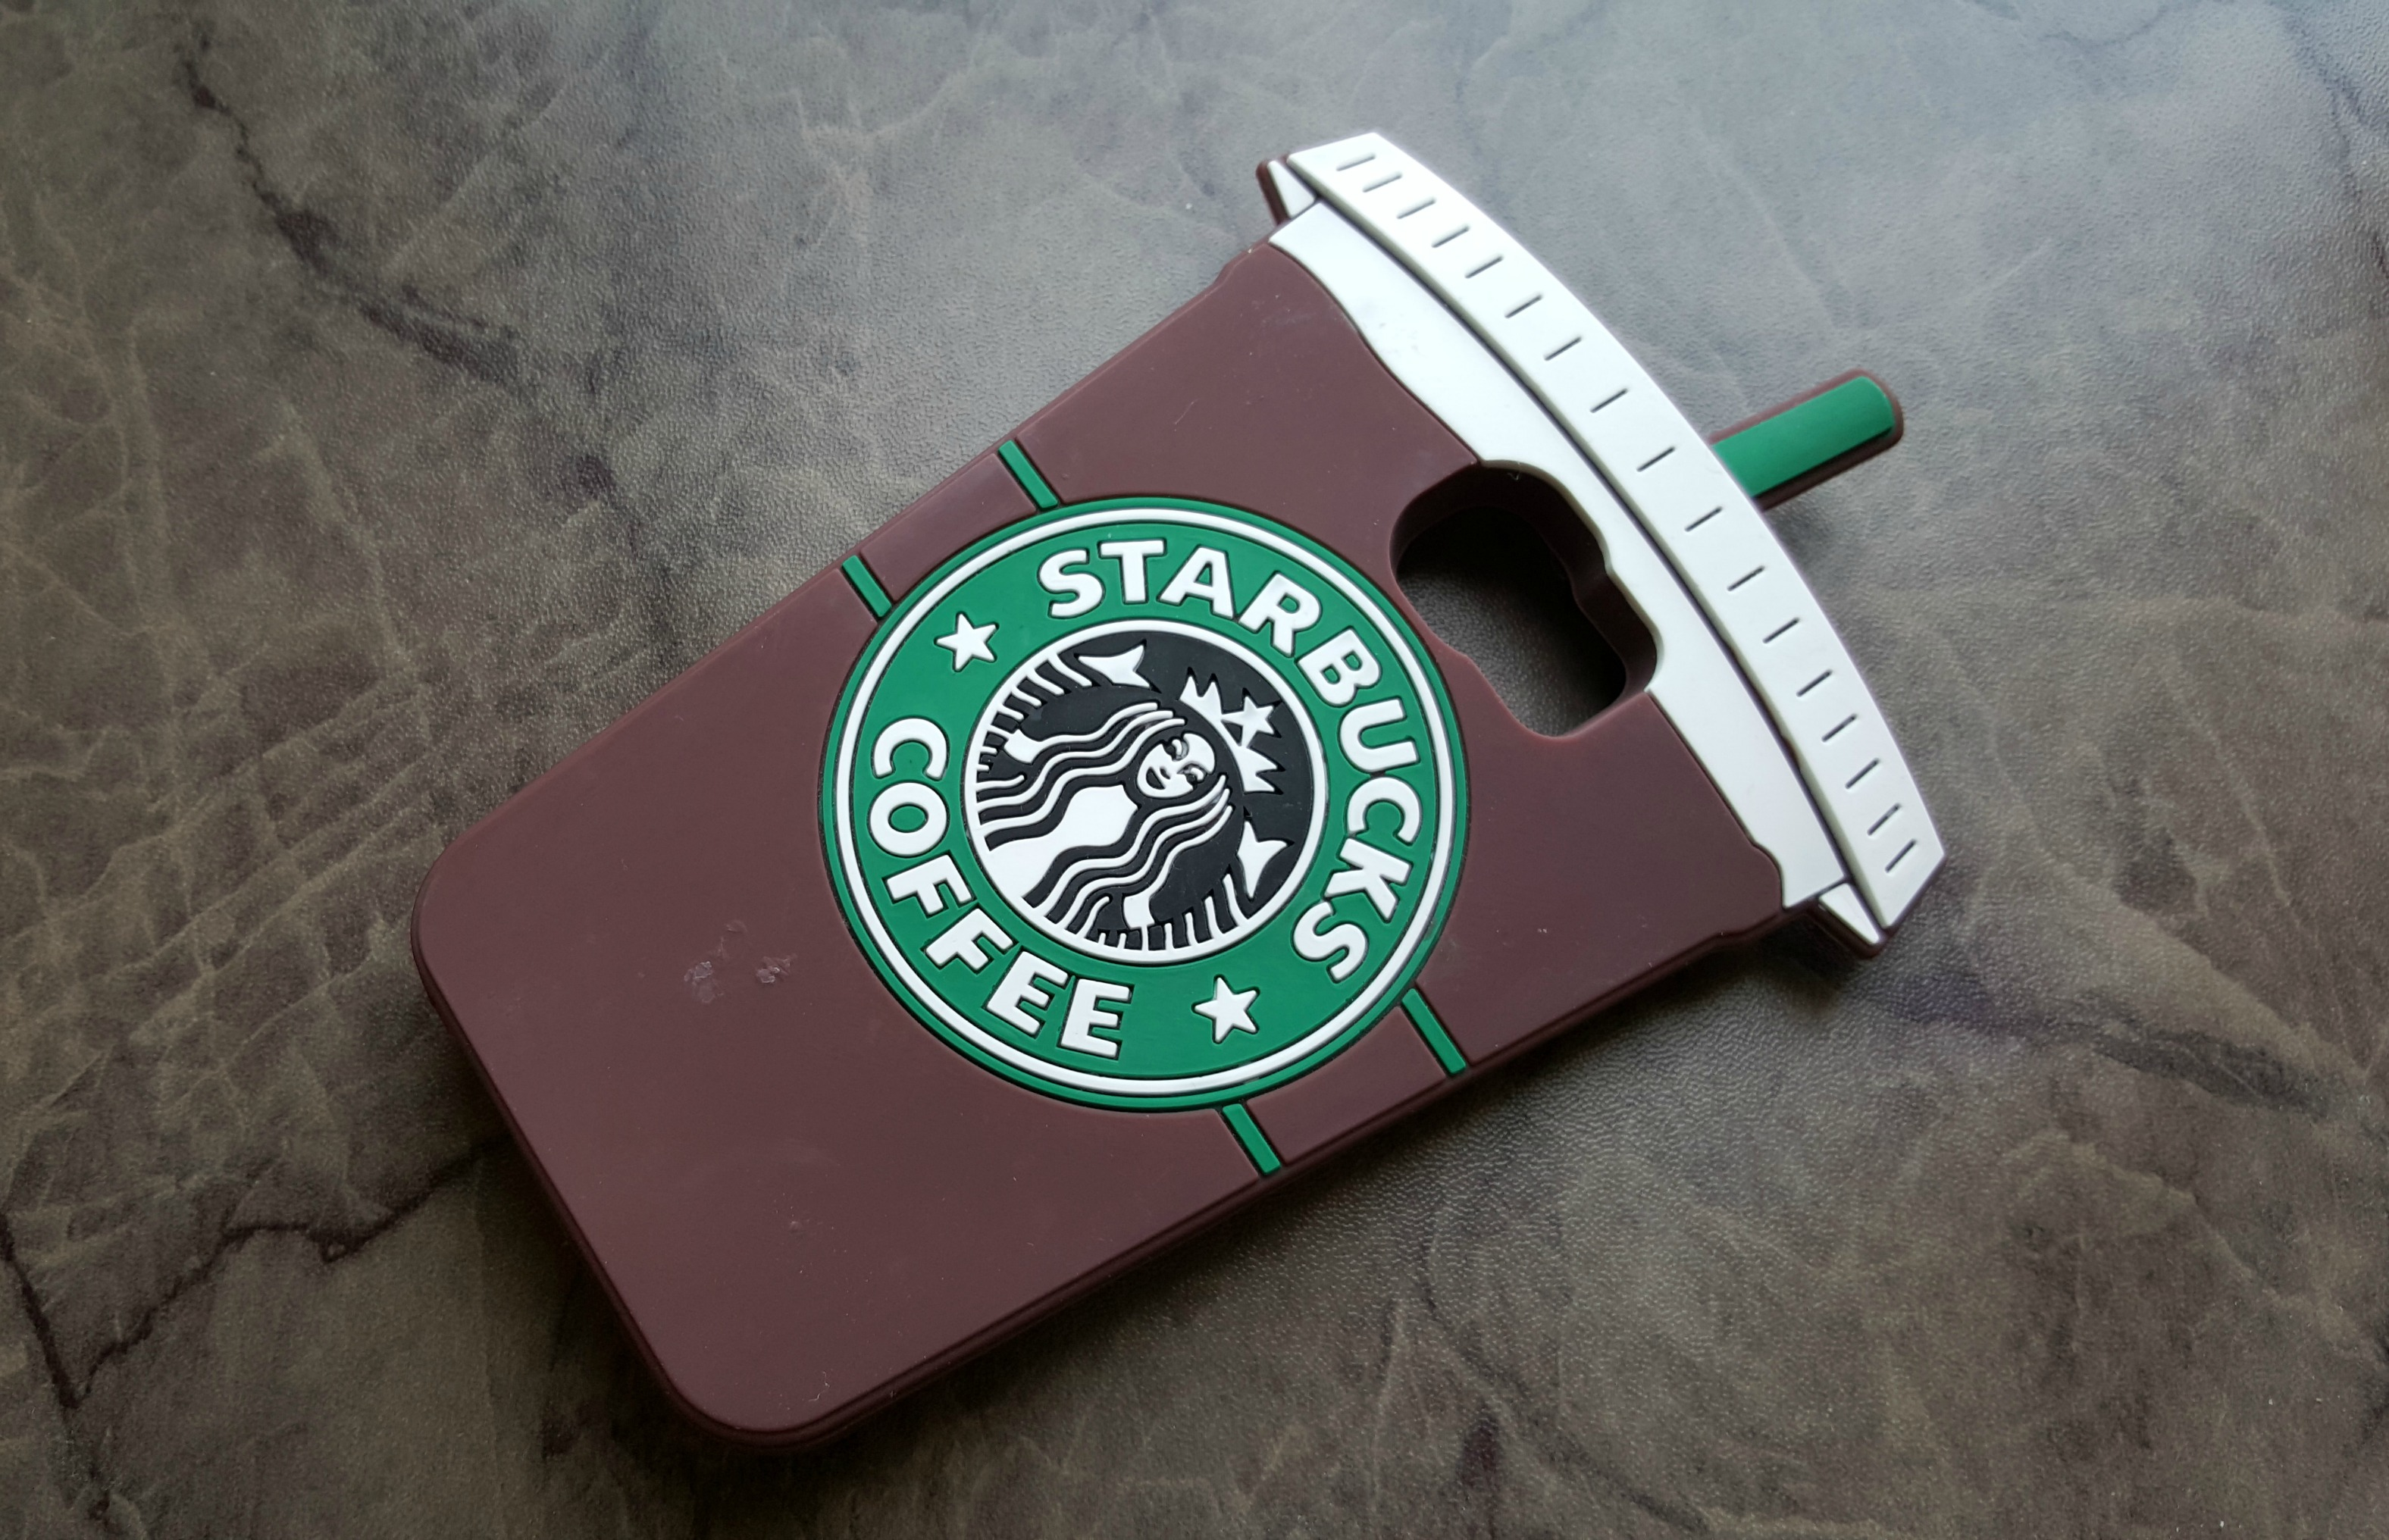 Starbucks hoesje